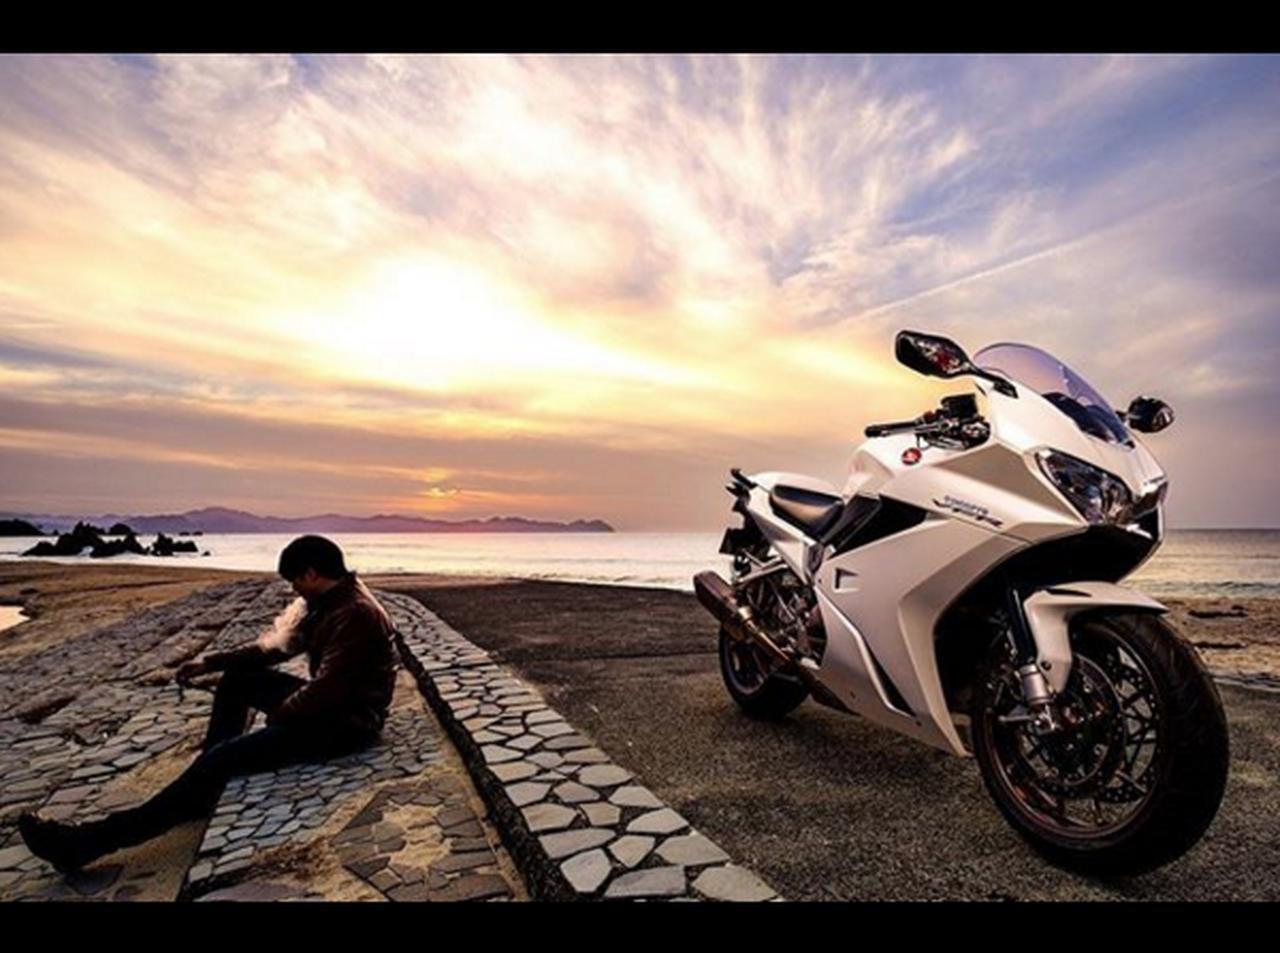 画像: 大型ライダーのバイク愛が深いんです!【リトホンインスタ部vol.41】 - A Little Honda